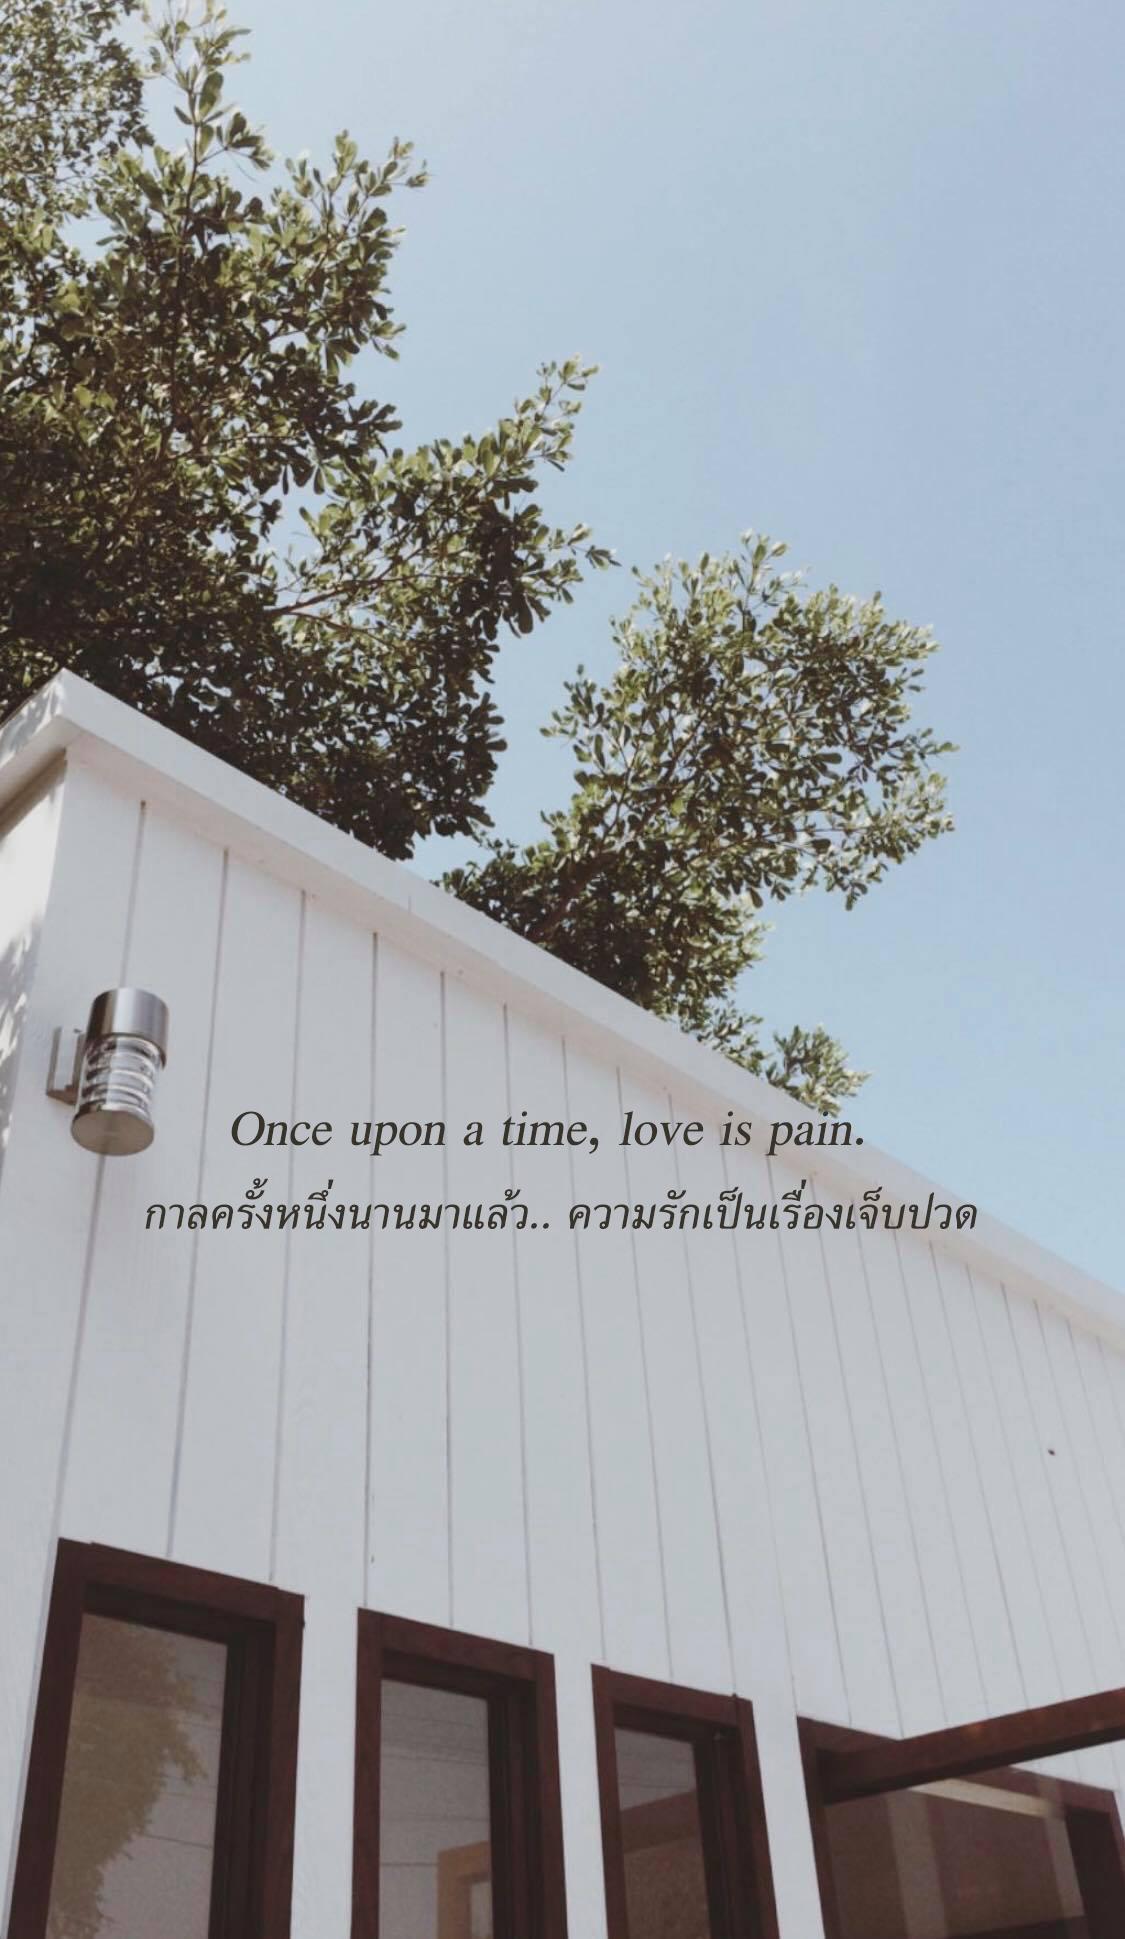 กาลครั้งหนึ่งนานมาแล้ว.. ความรักเป็นเรื่องเจ็บปวด